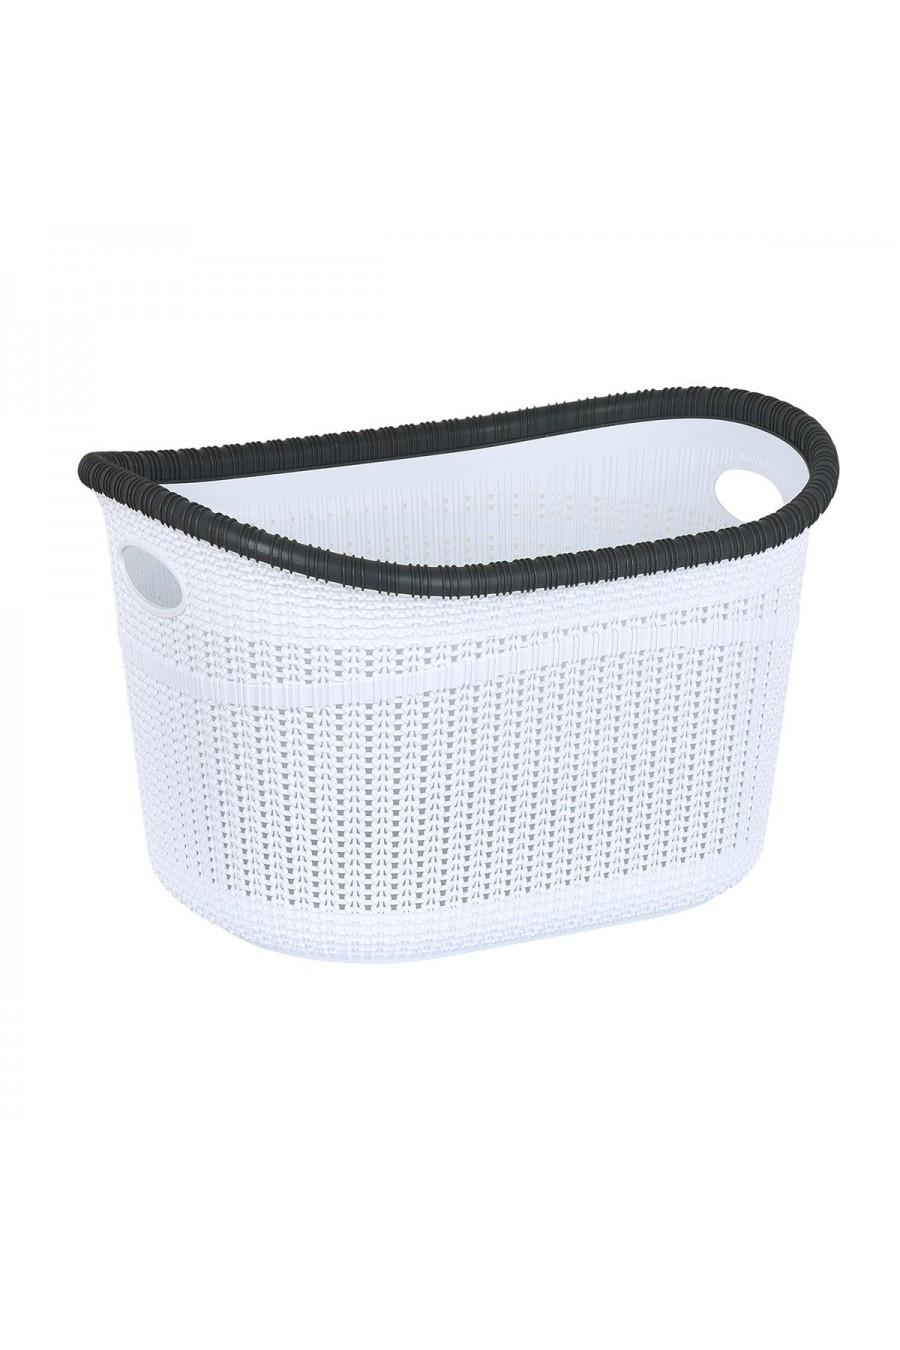 PlastArt 24 lt. Temiz Çamaşır Sepeti   Çamaşır Selesi